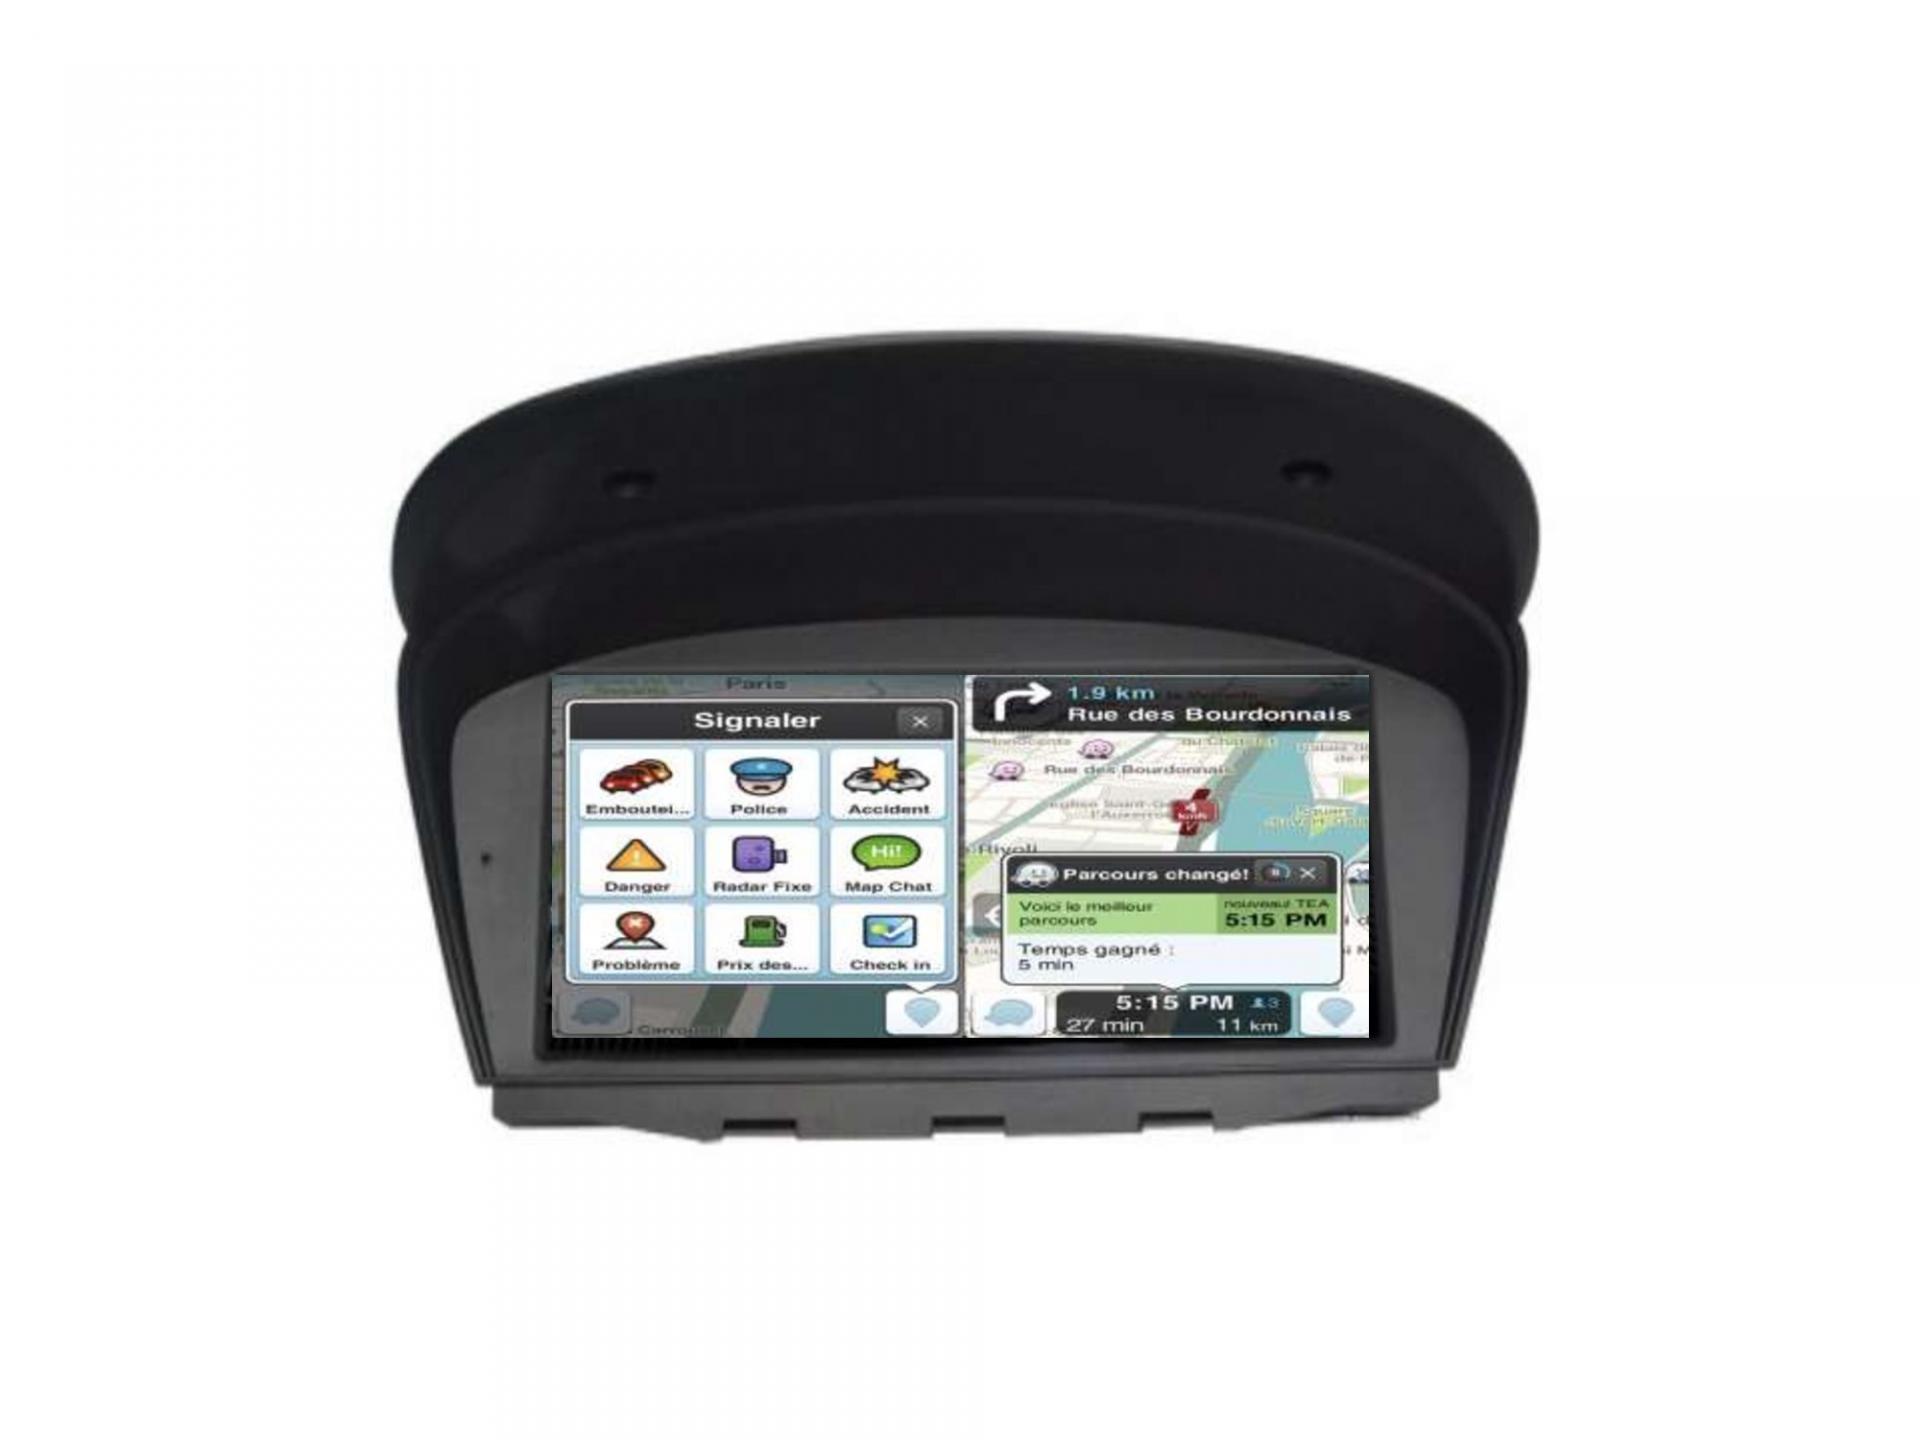 Autoradio gps carplay android auto bluetooth bmw serie 5 m5 e60 serie 6 e63 e64 serie 3 e90 6